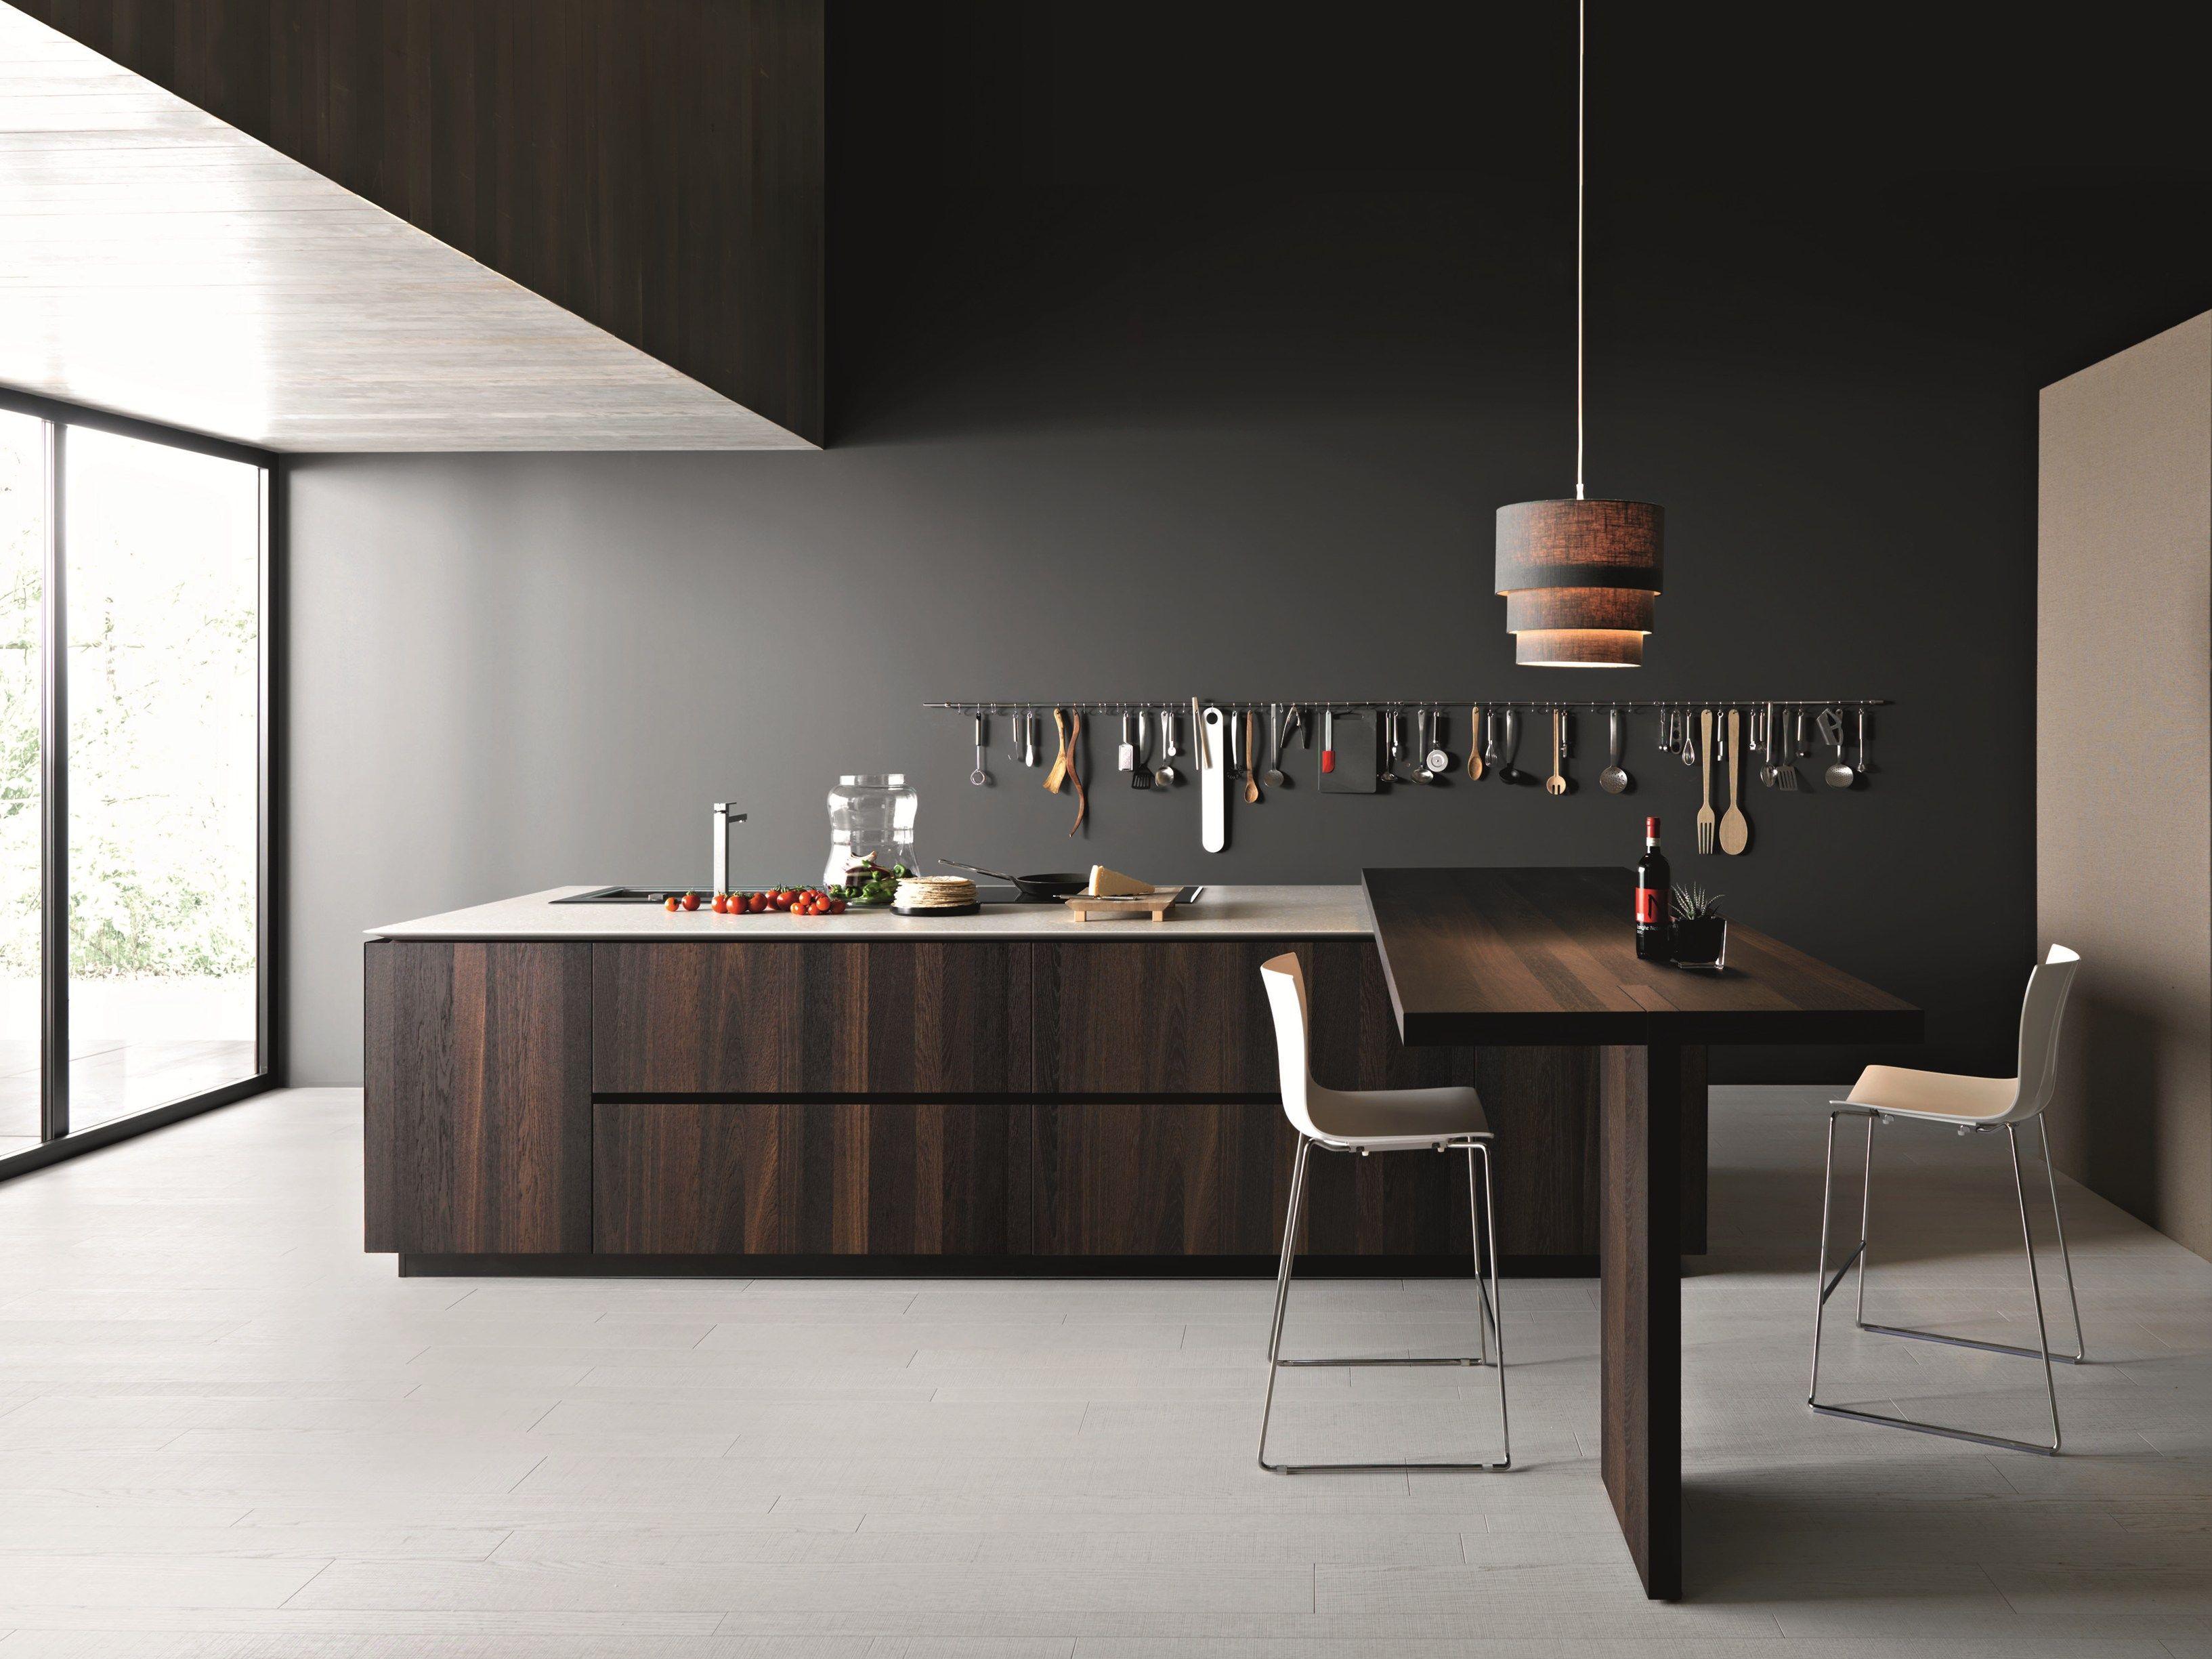 Cucina in legno con isola elle composizione 2 by cesar for Cesar arredamenti